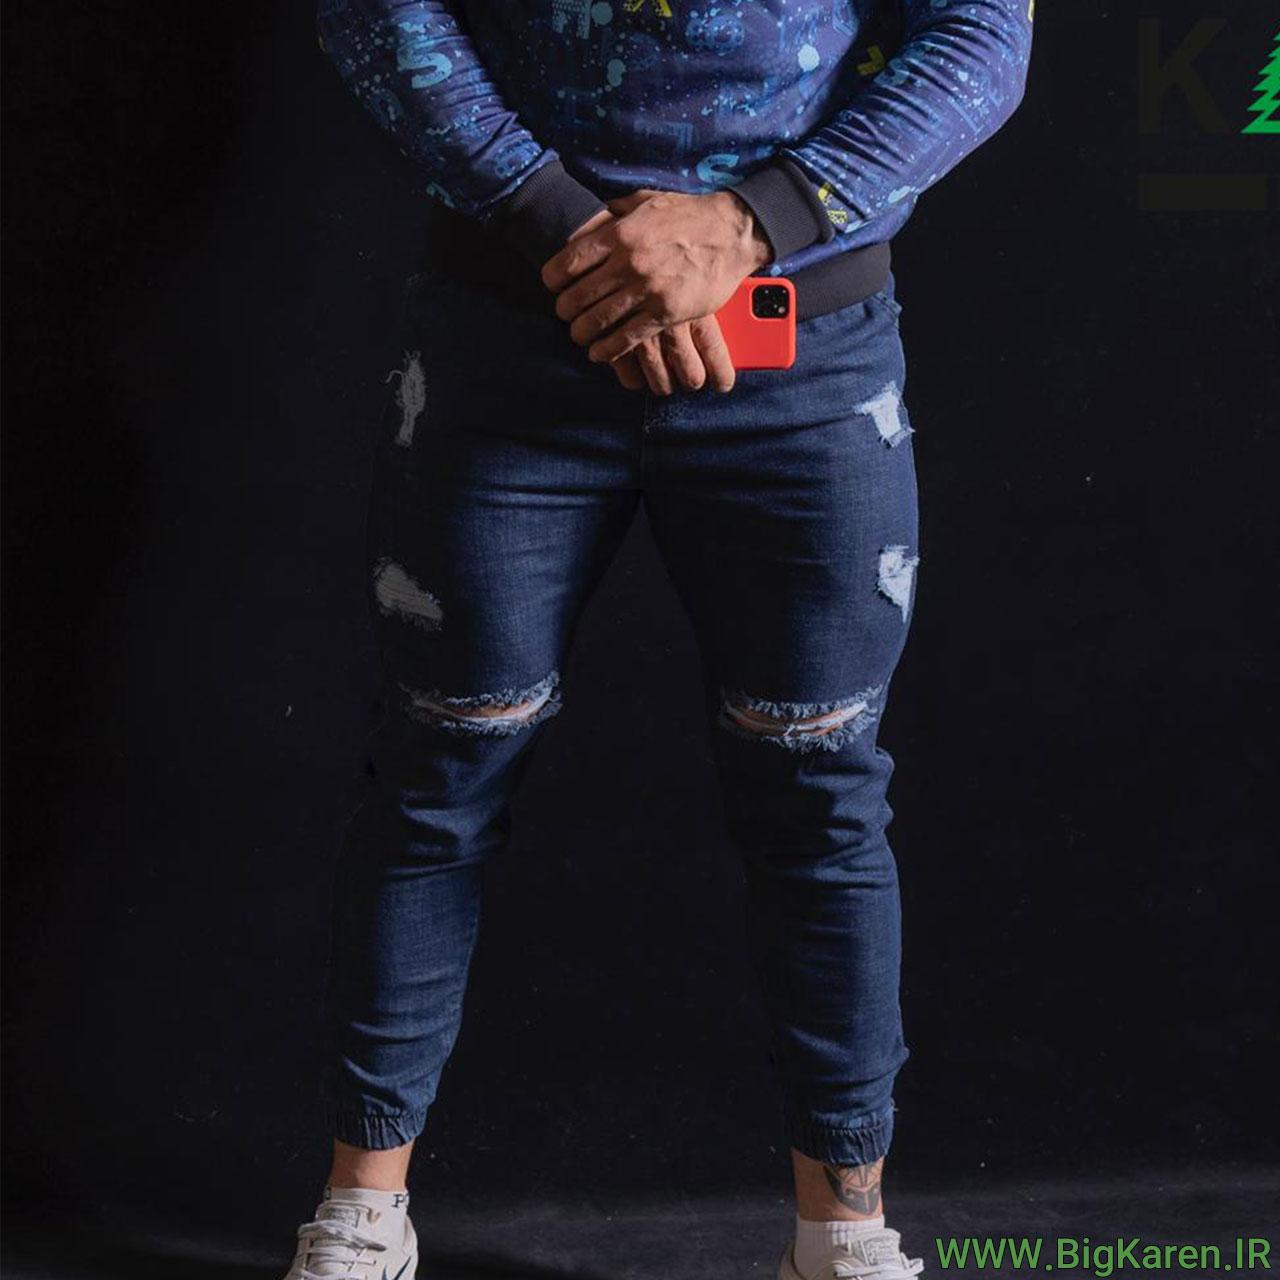 شلوار سایز بزرگ جین زاپ دار دمپا کش خرید اینترنتی از سایت بیگ کارن